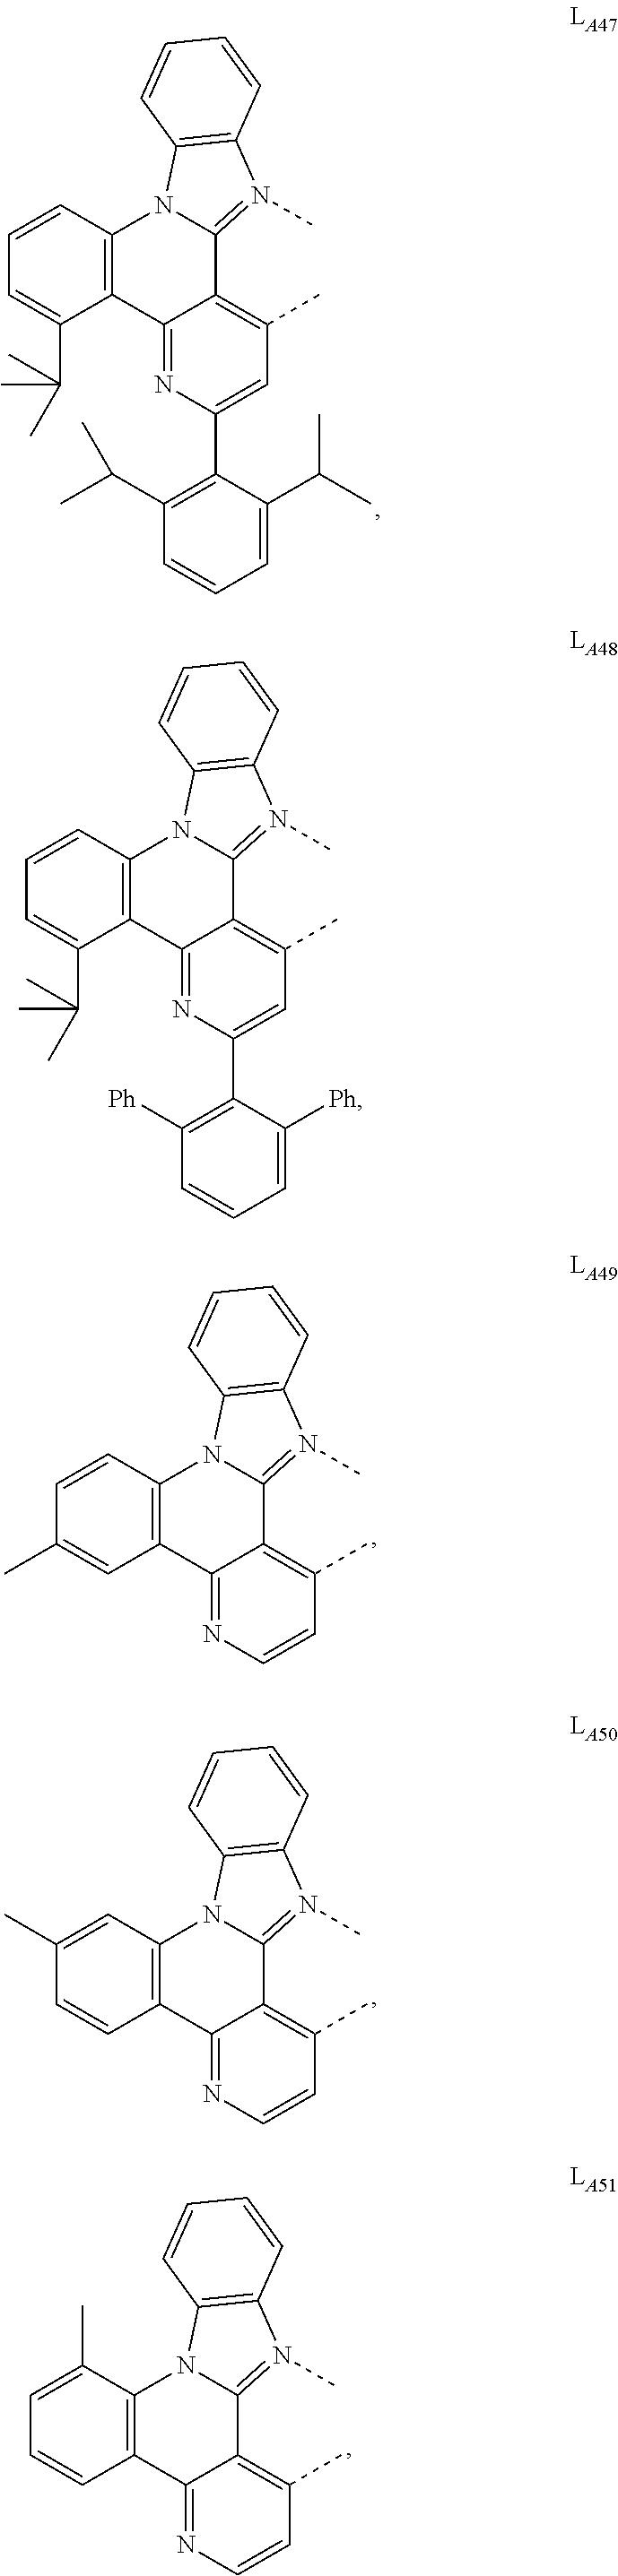 Figure US09905785-20180227-C00435